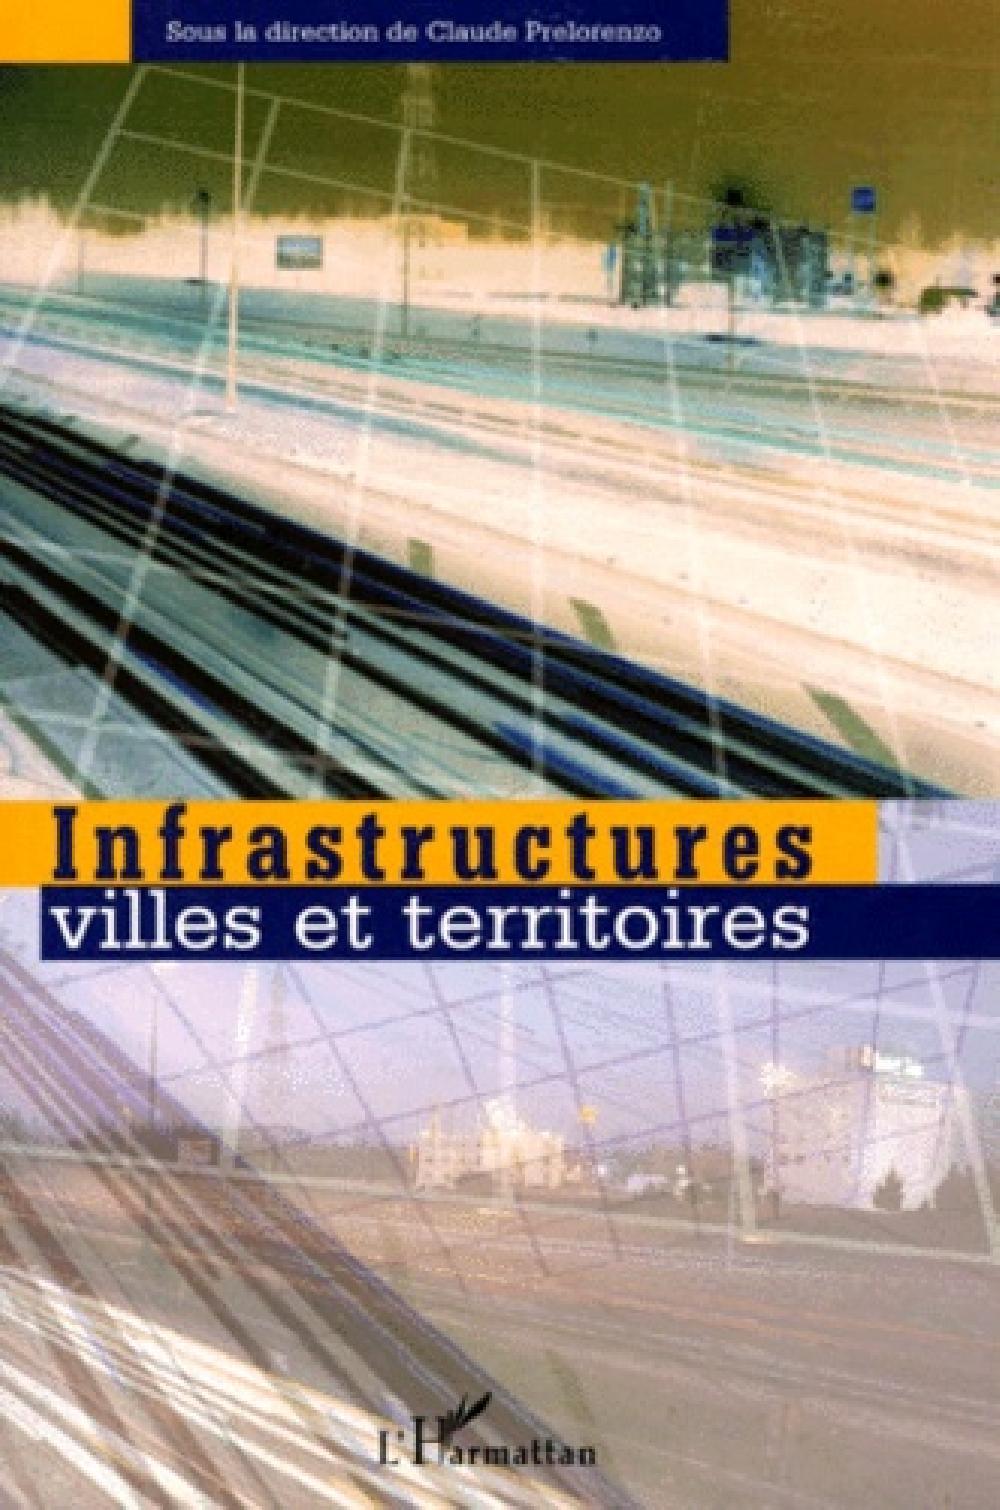 Infrastructures Villes et territoires